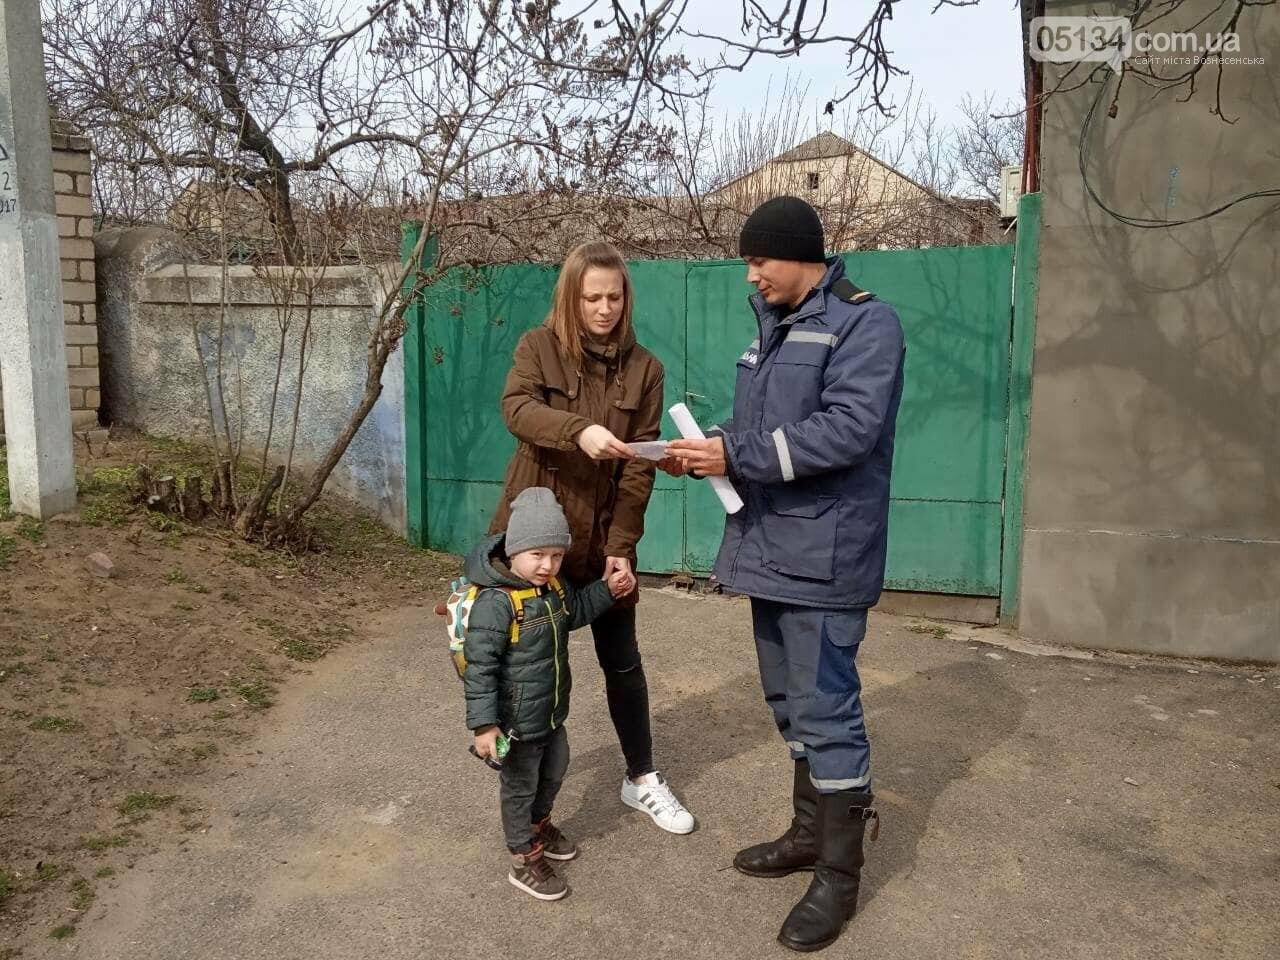 Рятувальники провели з жителями Вознесенська інформаційну роботу щодо пожеж, фото-1